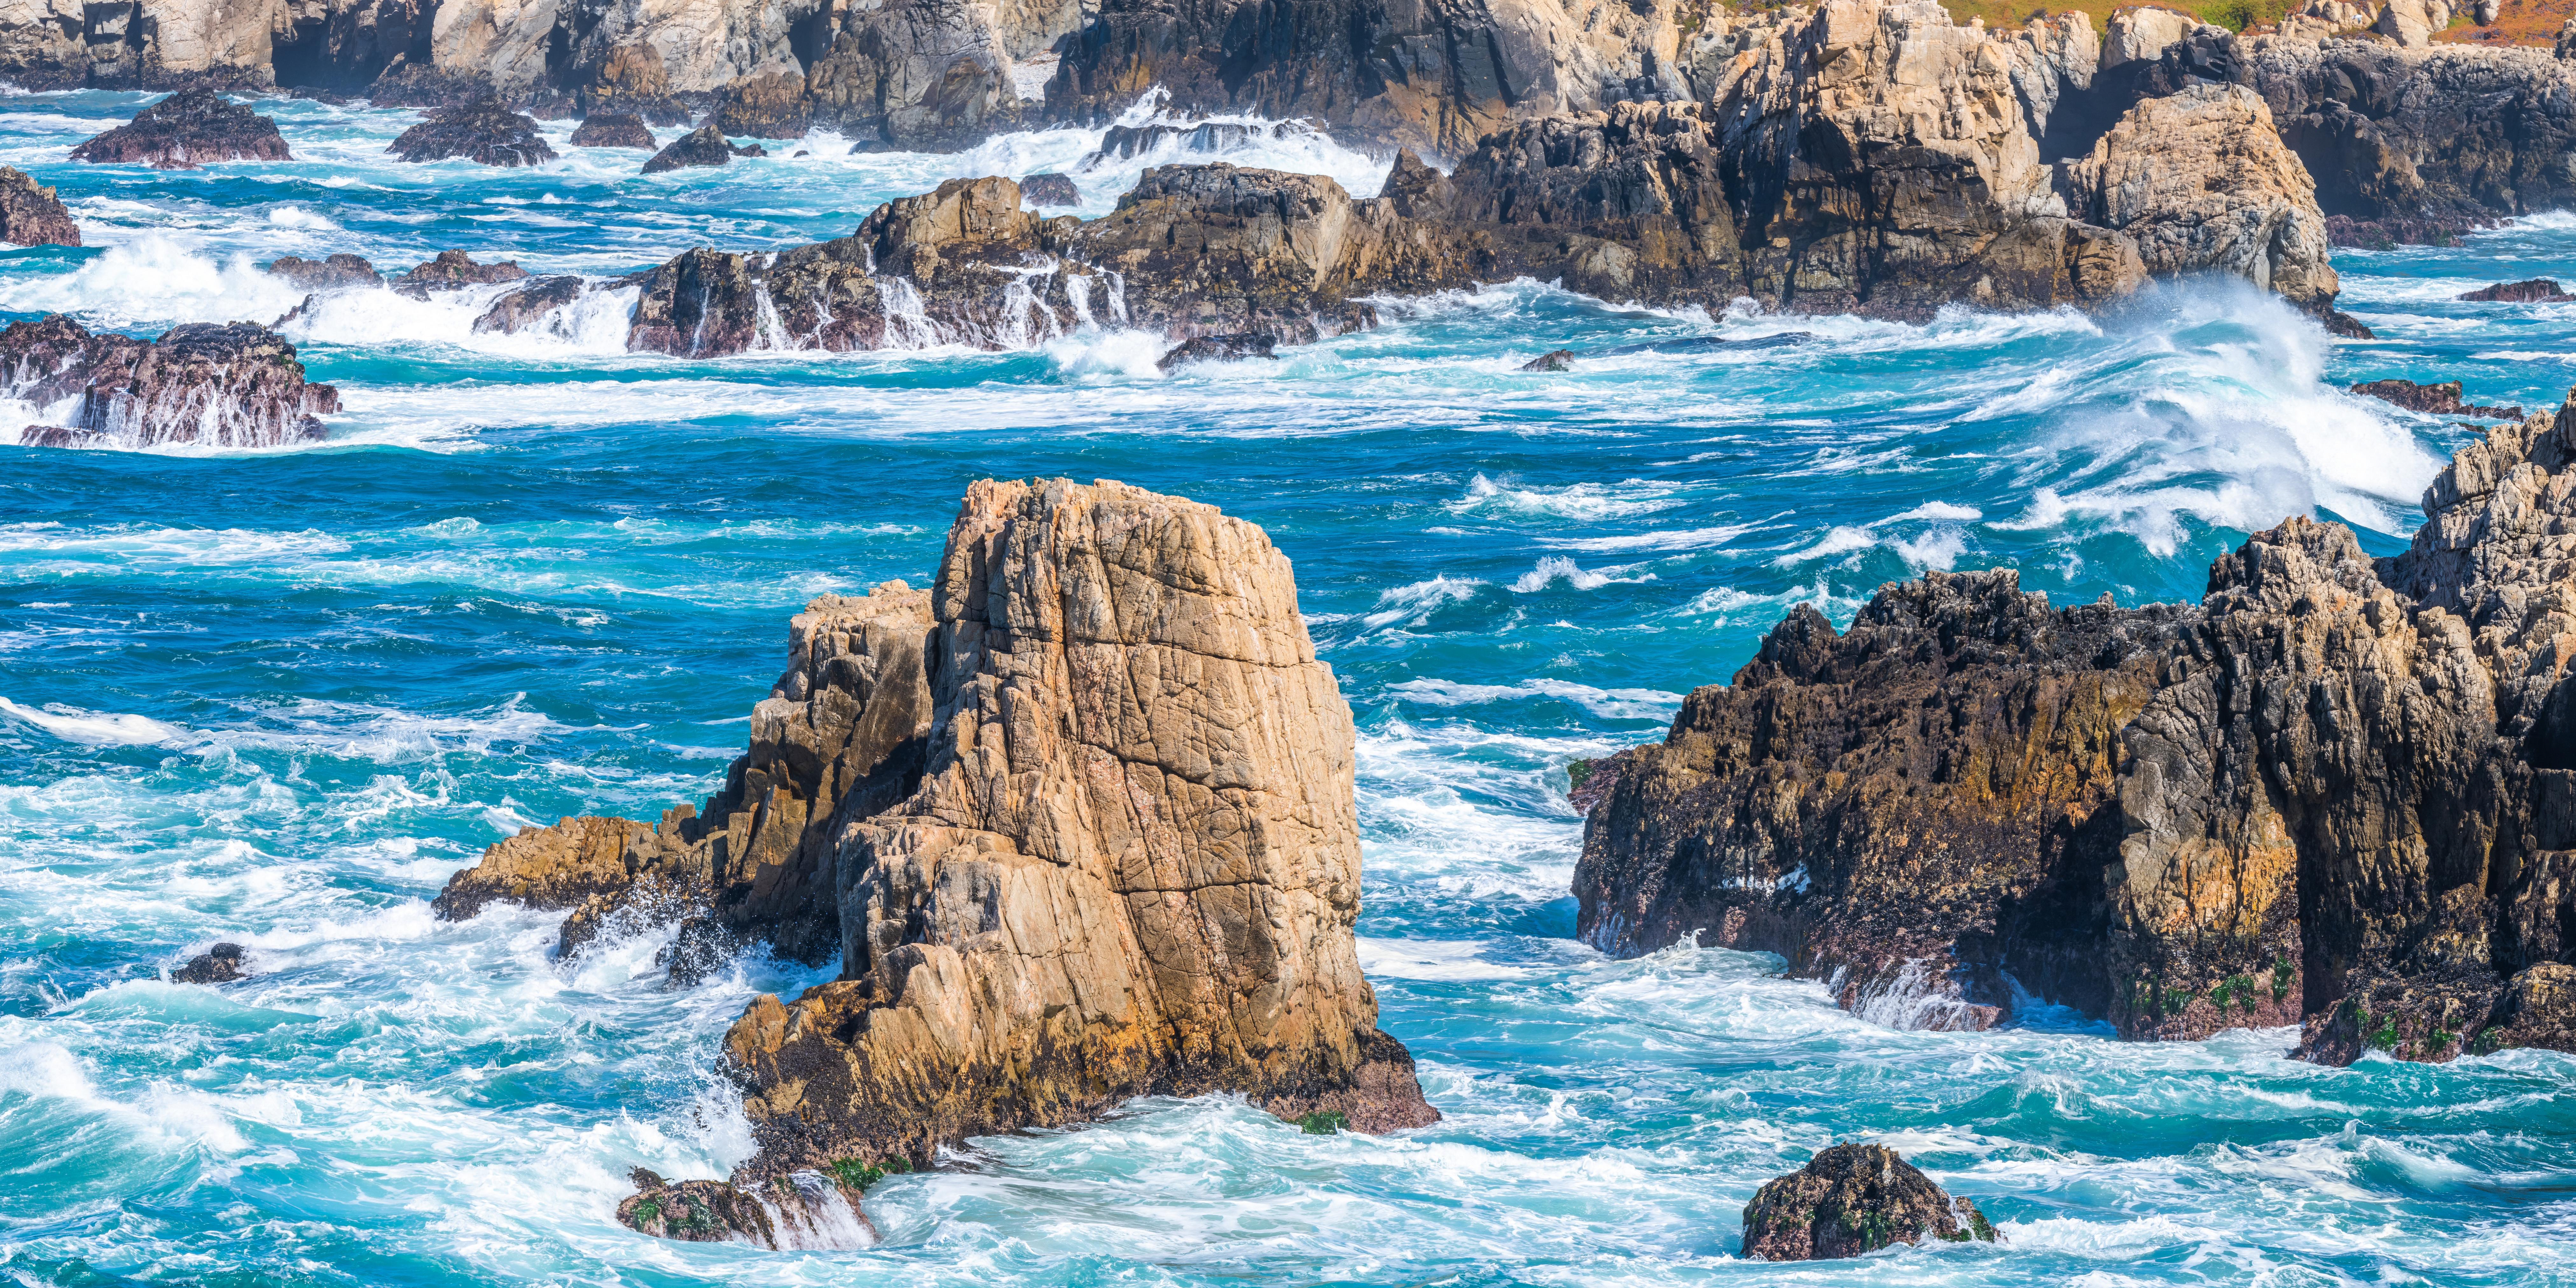 Фотография калифорнии США Big Sur Скала Природа Побережье 8100x4050 Калифорния штаты америка Утес скале скалы берег